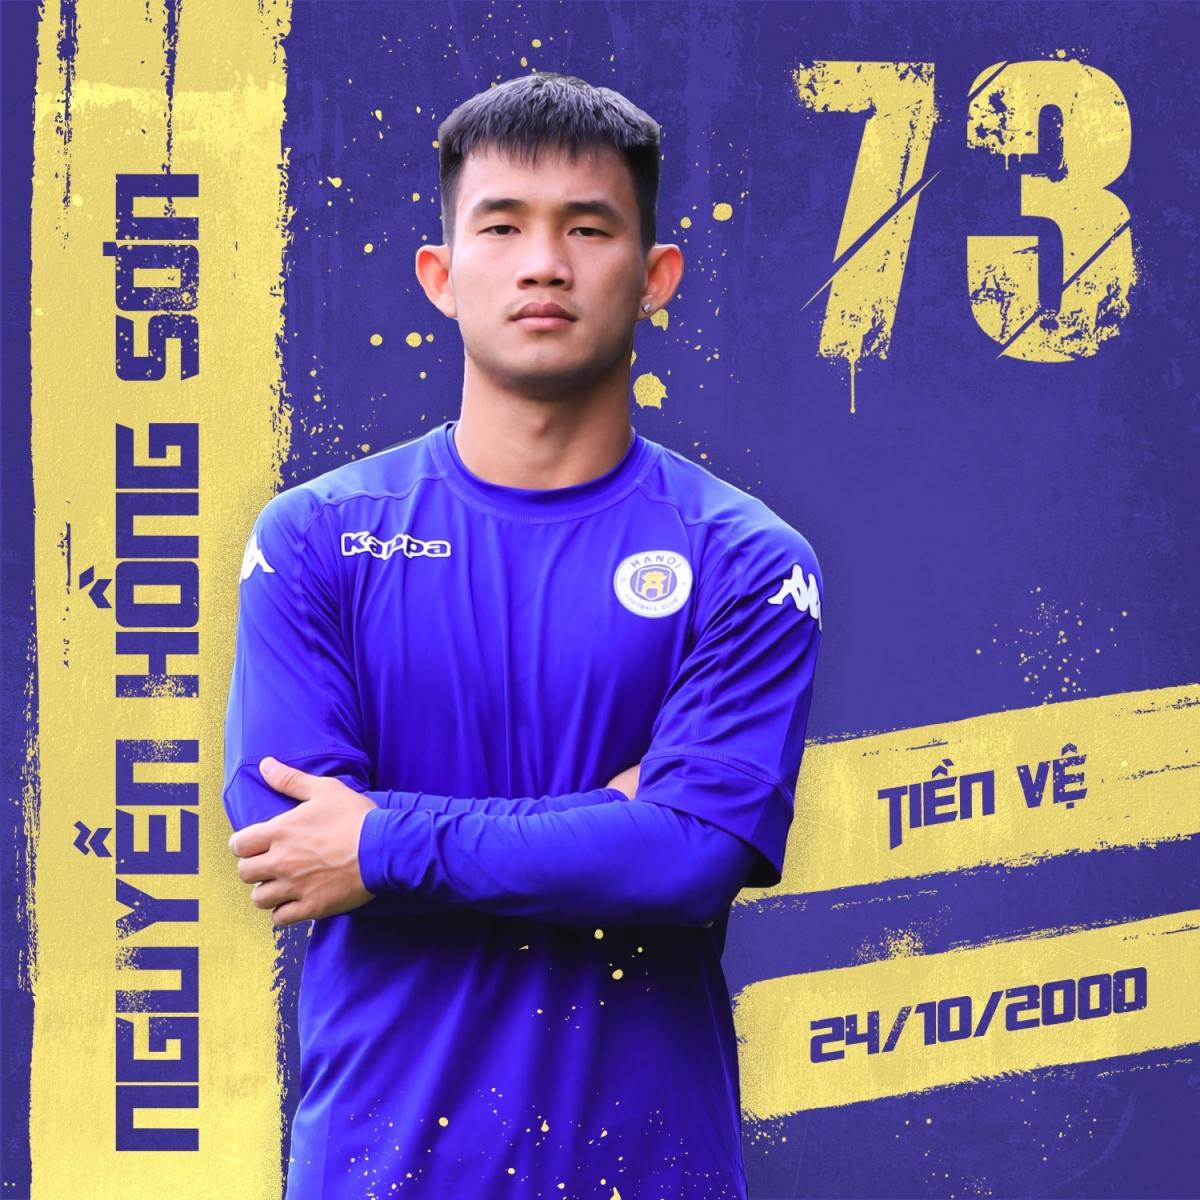 Tiền vệ: Nguyễn Hồng Sơn